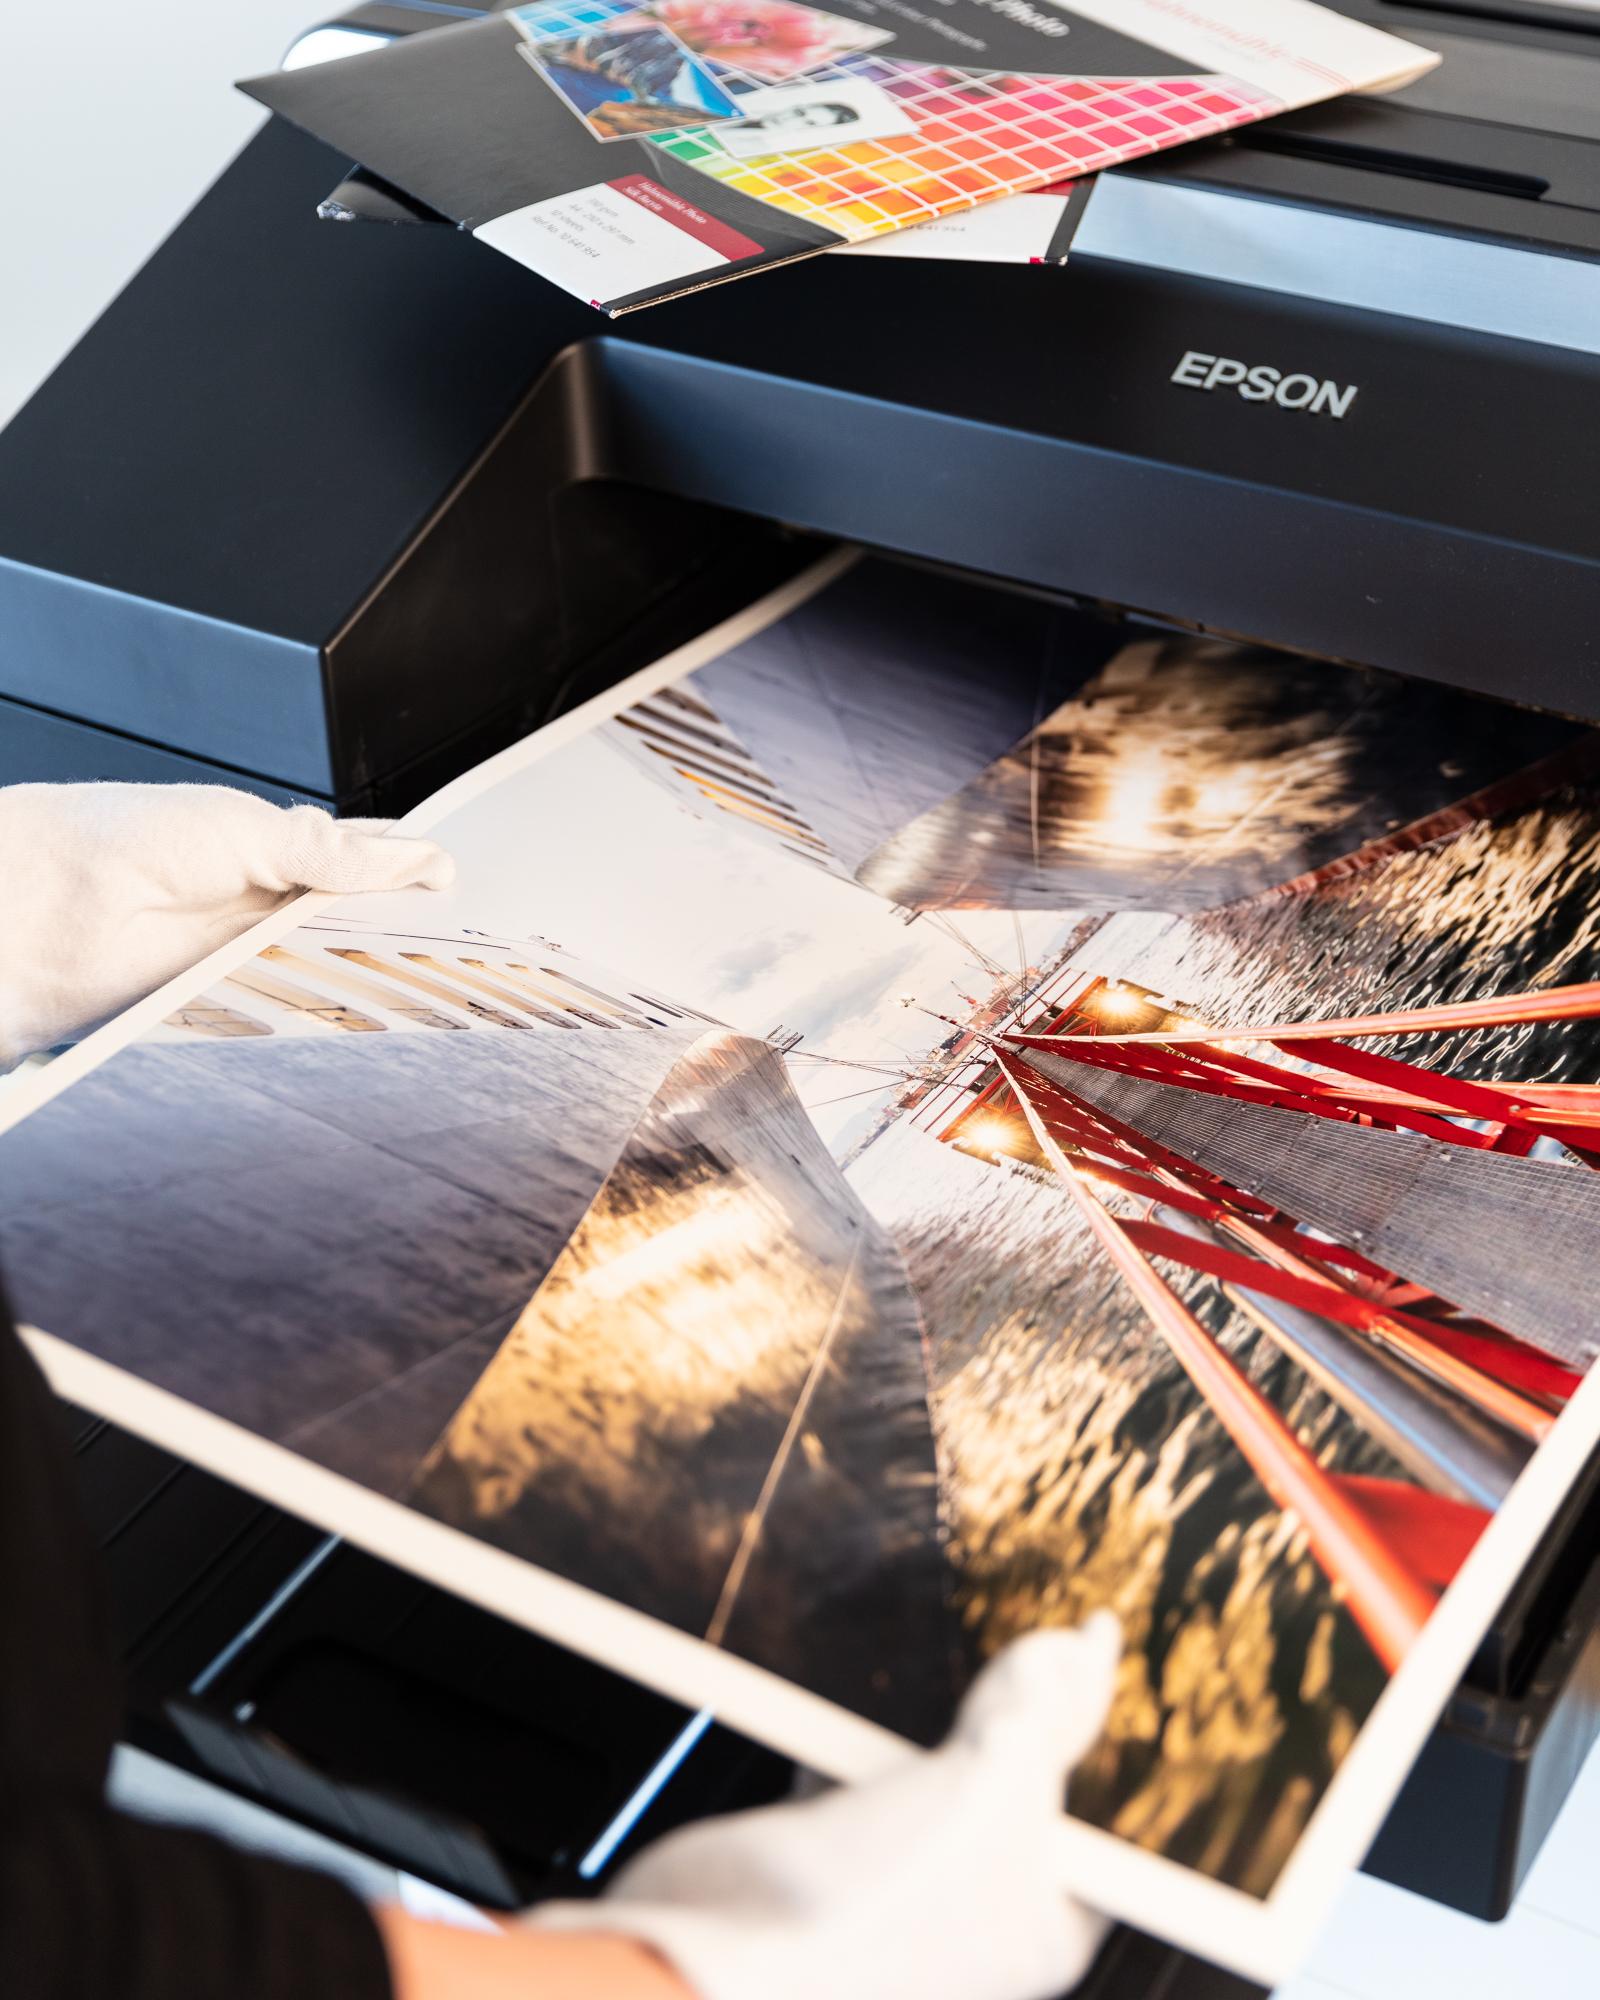 Farbmanagement – von der korrekten Darstellung am Bildschirm bis zum farbechten Print